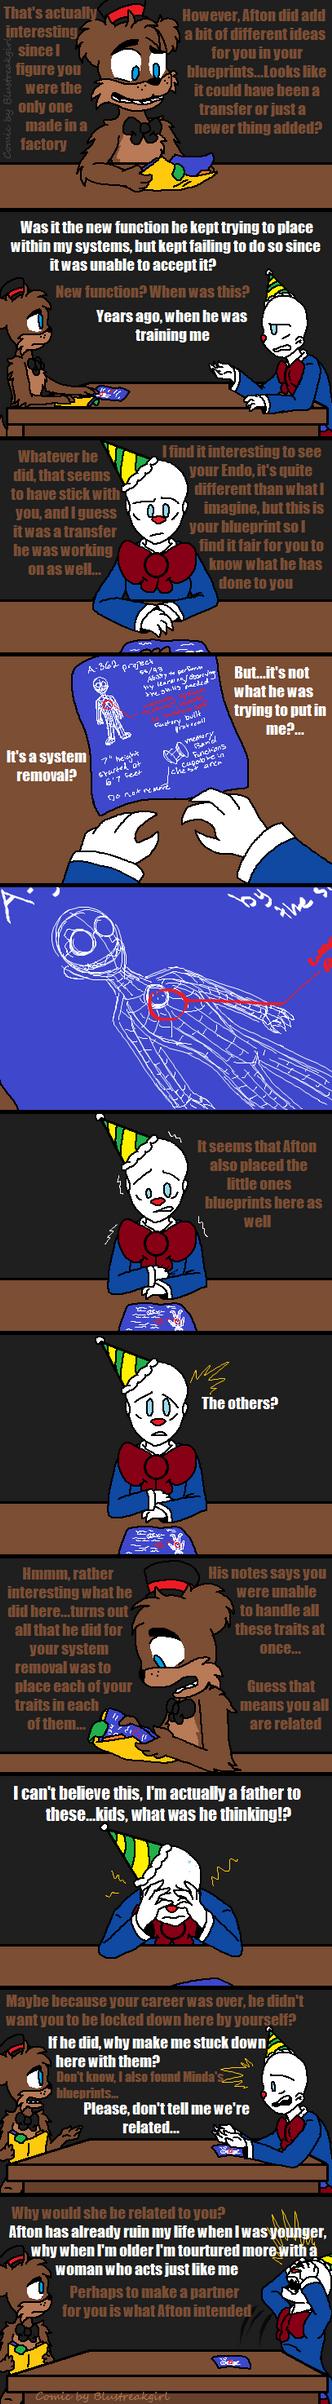 Forgotten Judgement (FNAF Comic) Pt.6 by Blustreakgirl